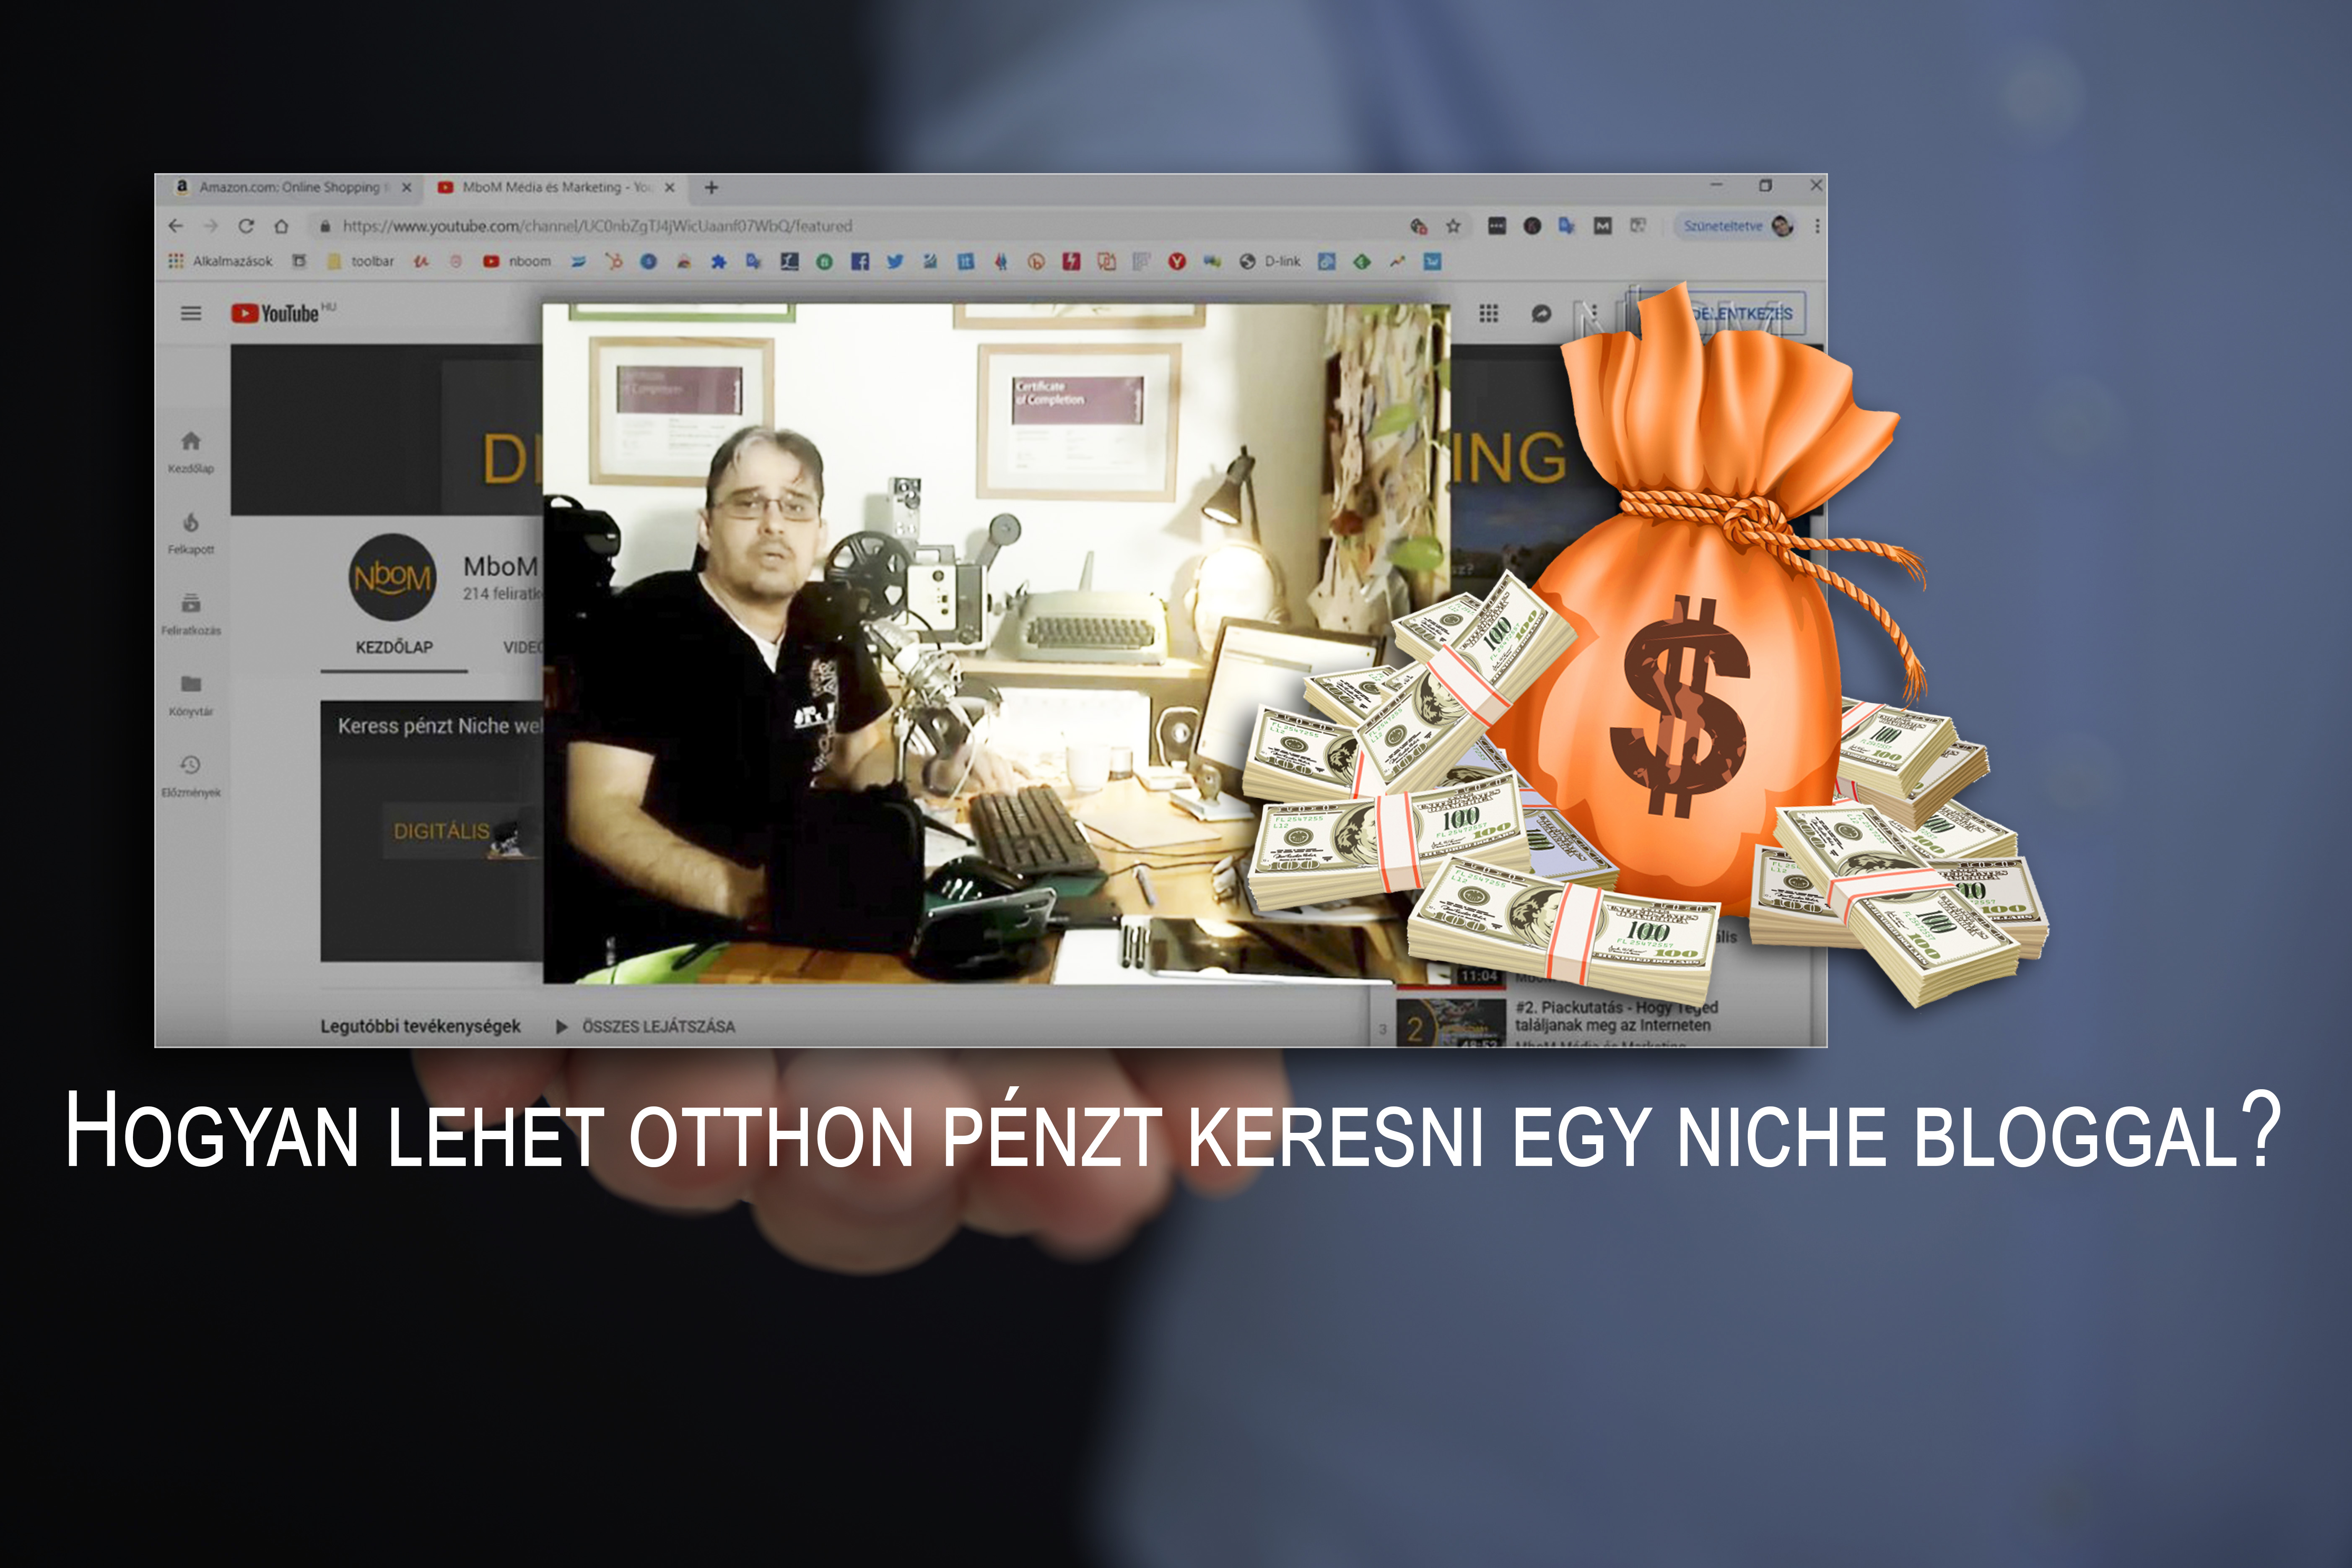 hogyan könnyű pénzt keresni az interneten keresztül)